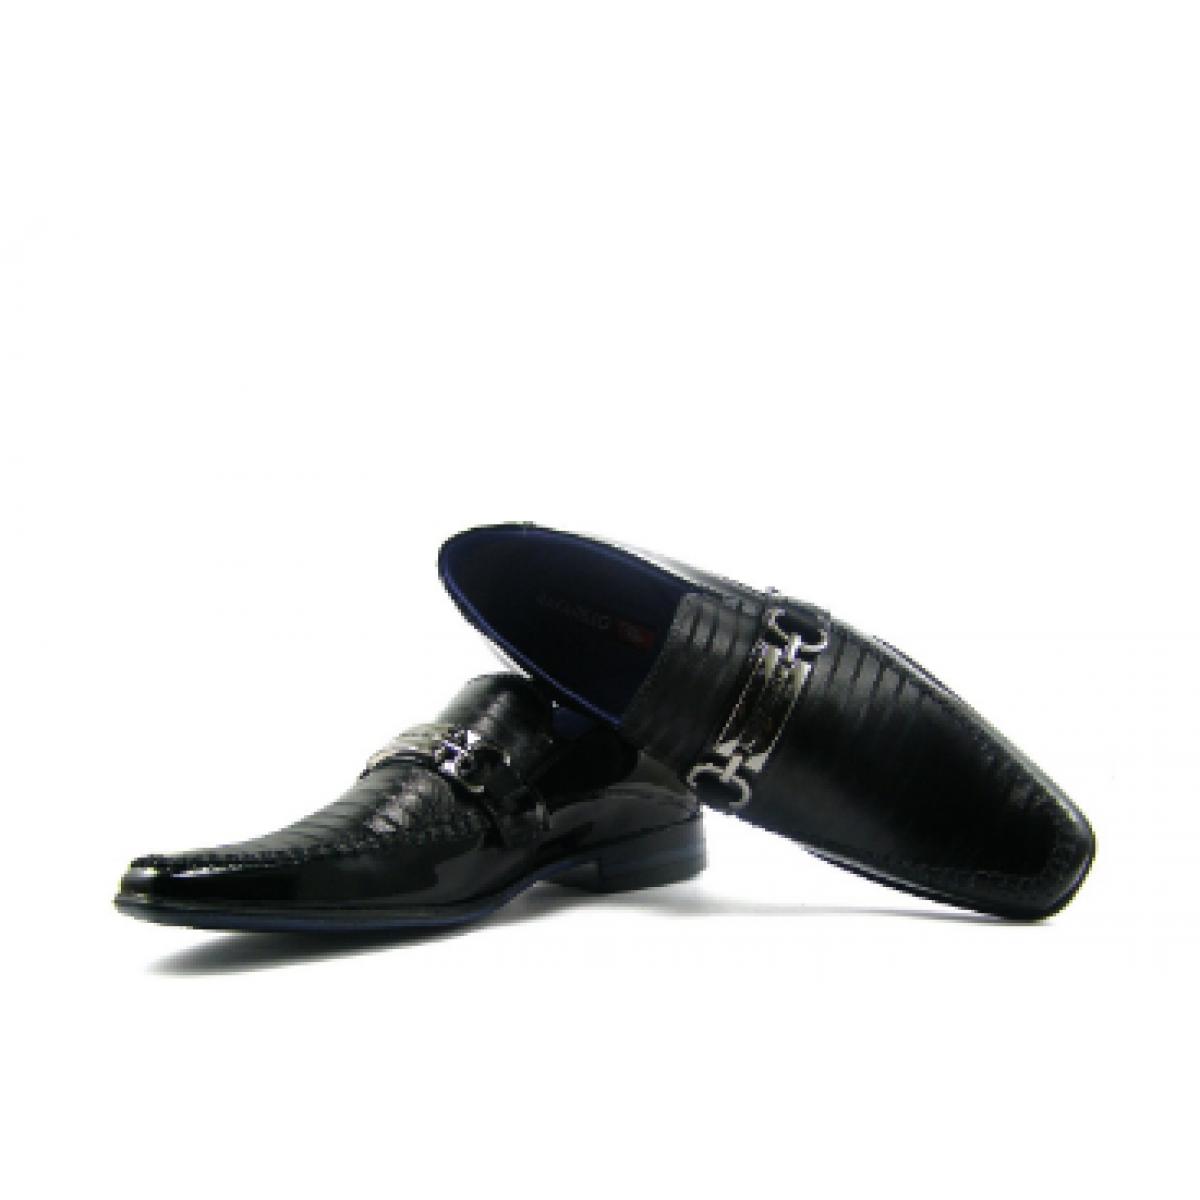 c028838d96 Sapato Social Masculino Rafarillo Couro Kit 4 em 1 Preto - Compre ...